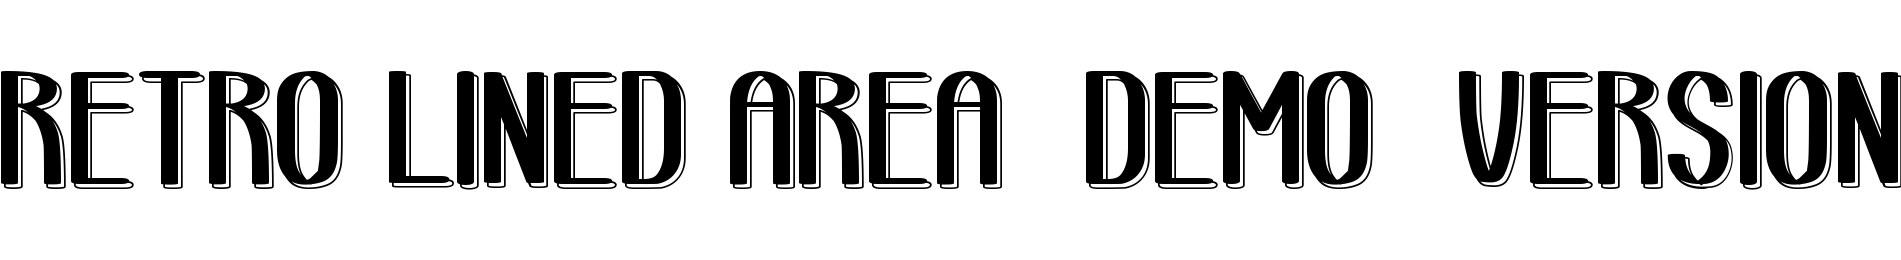 retro lined area_demo-version